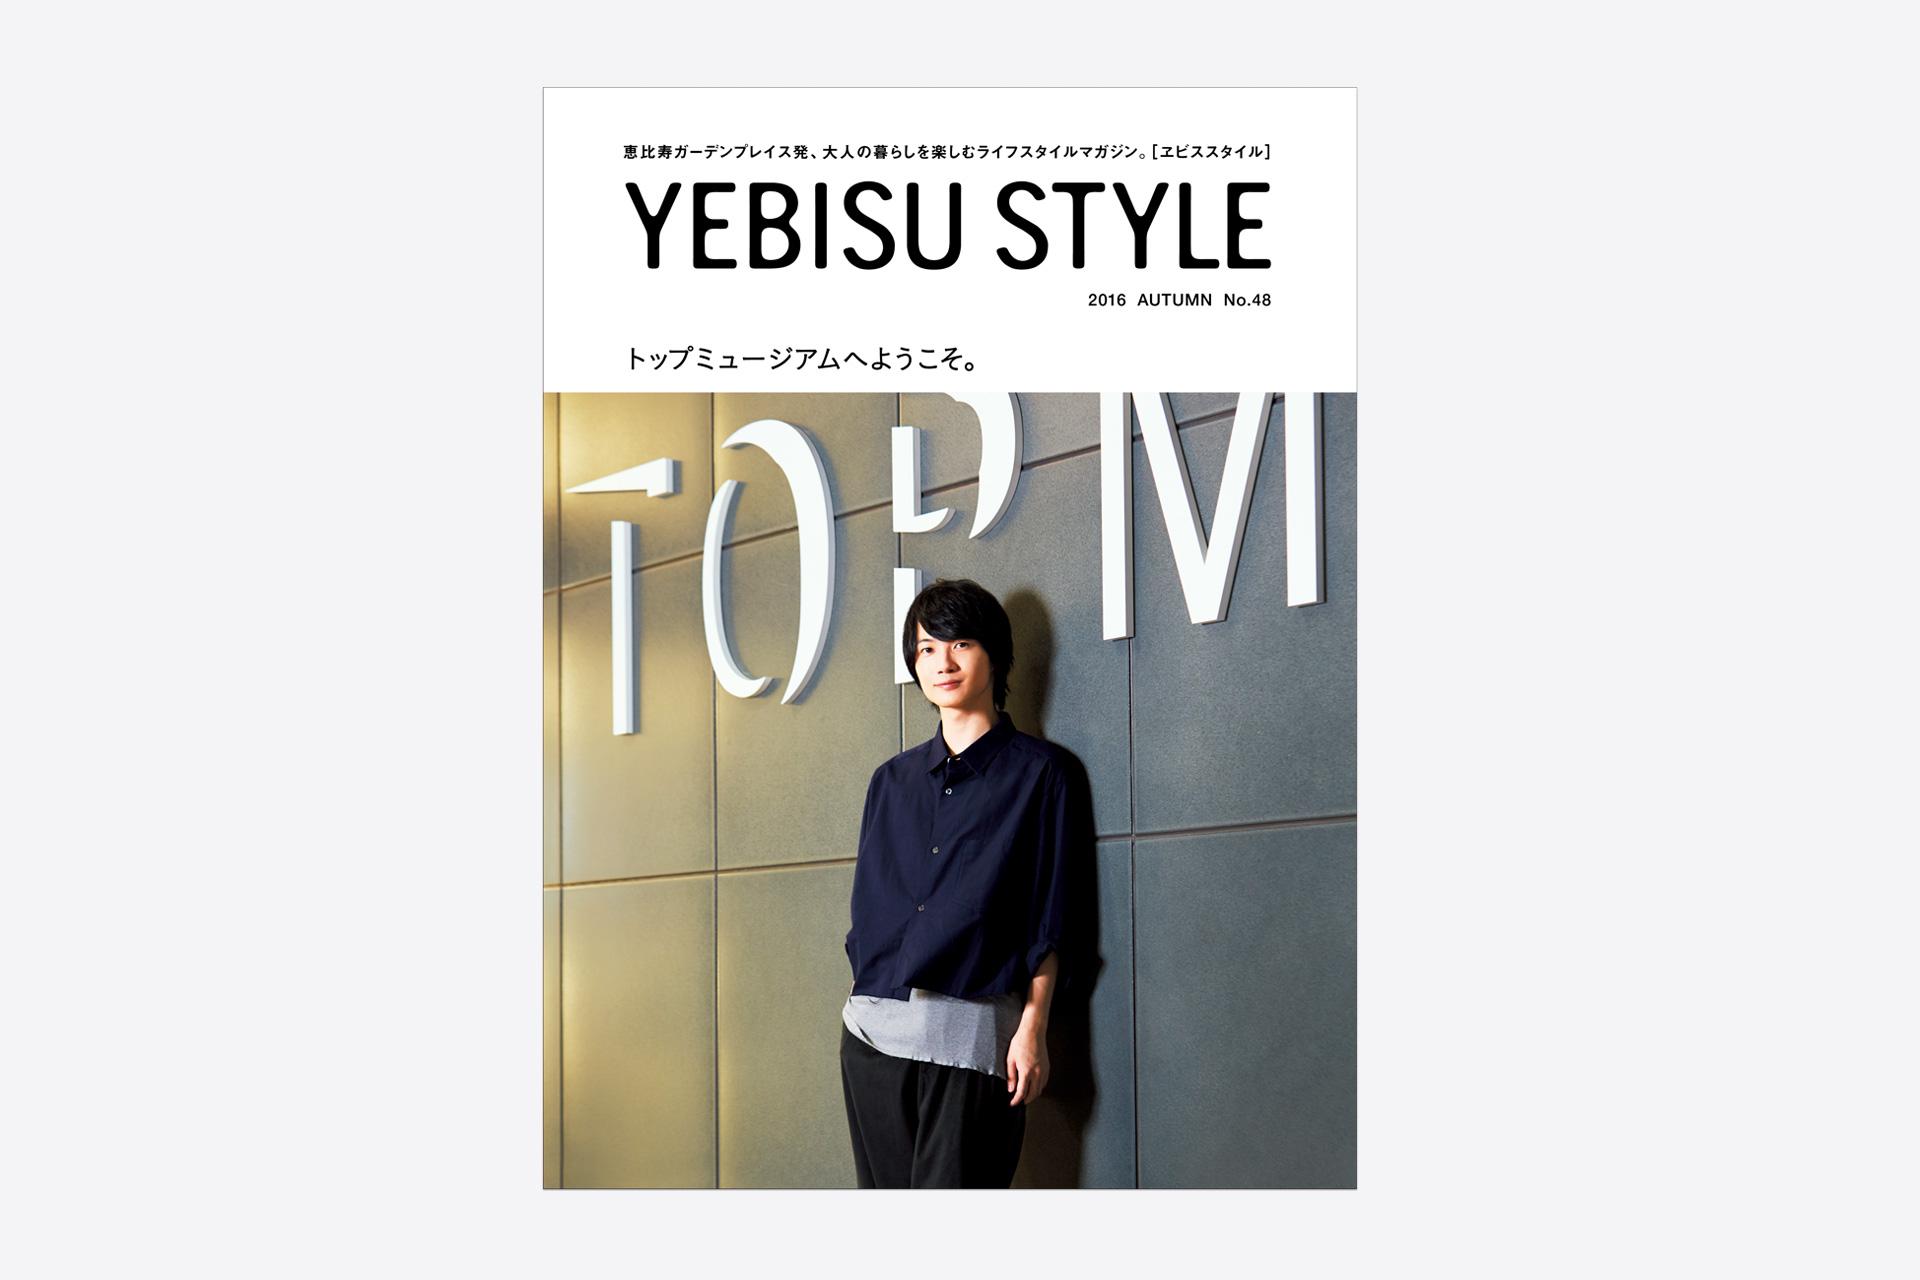 YEBISU STYLE vol.48